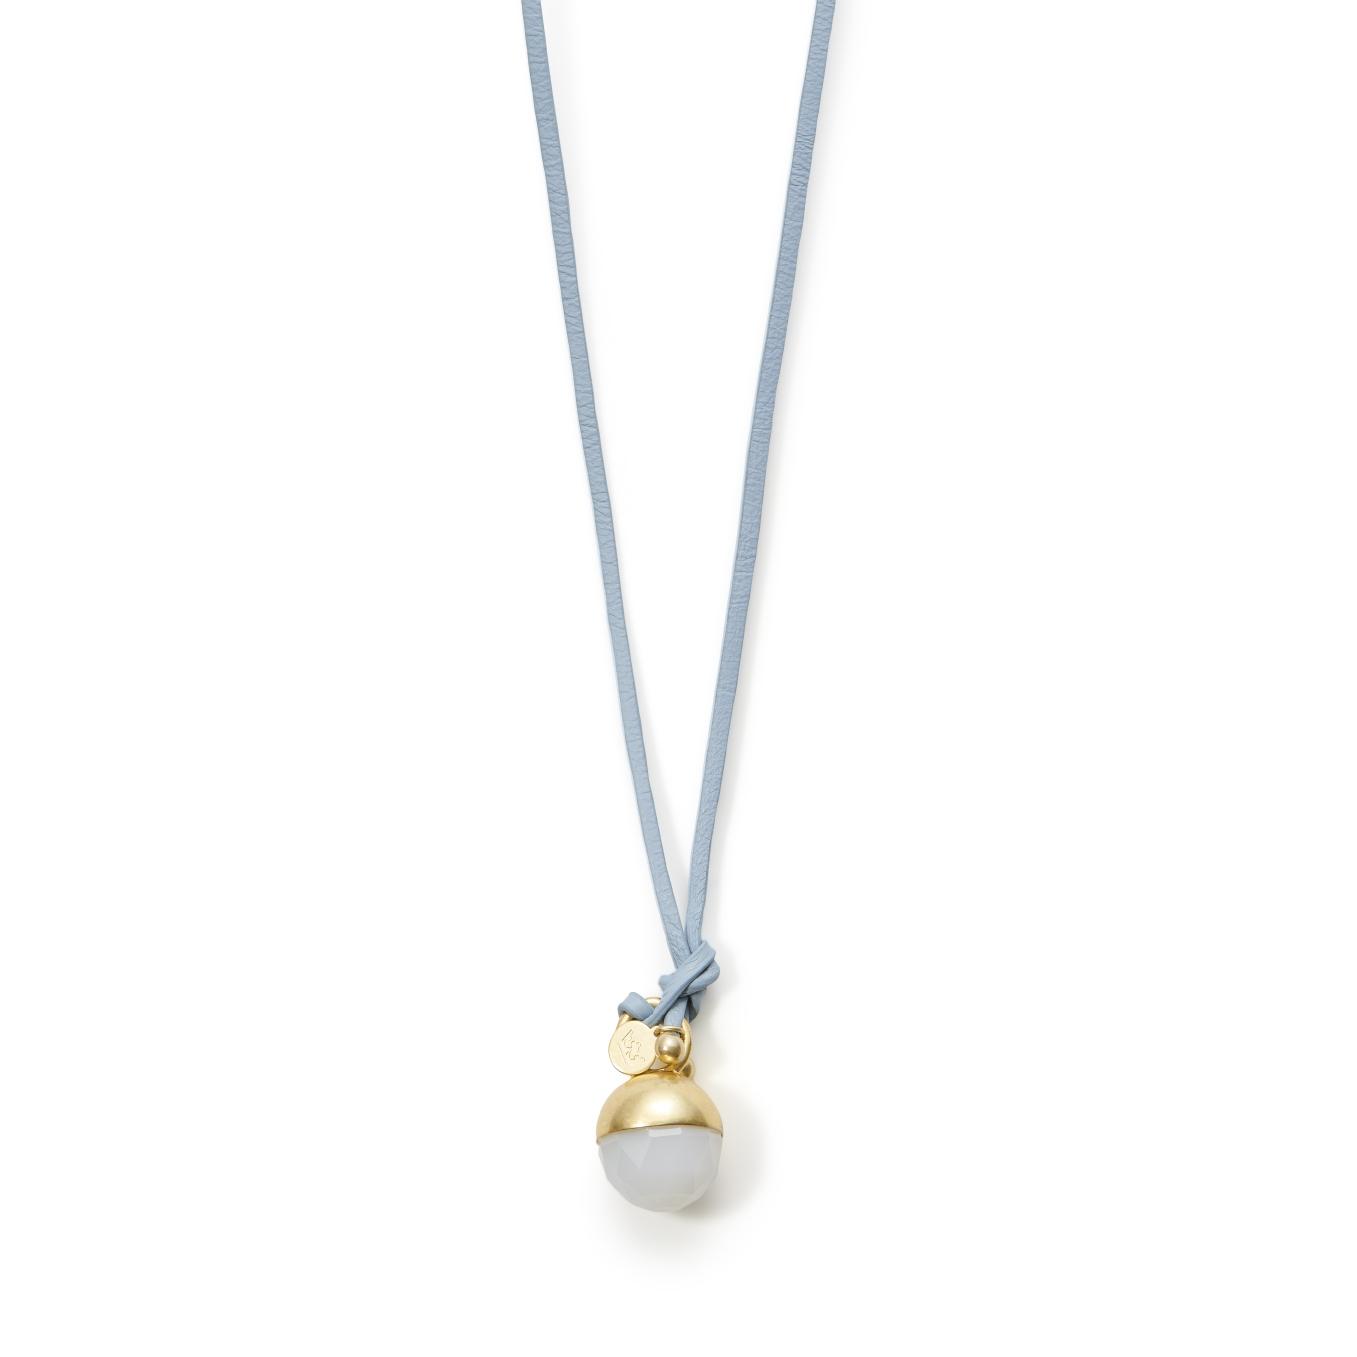 Halskette mit Charm - K794 - Sence Copenhagen